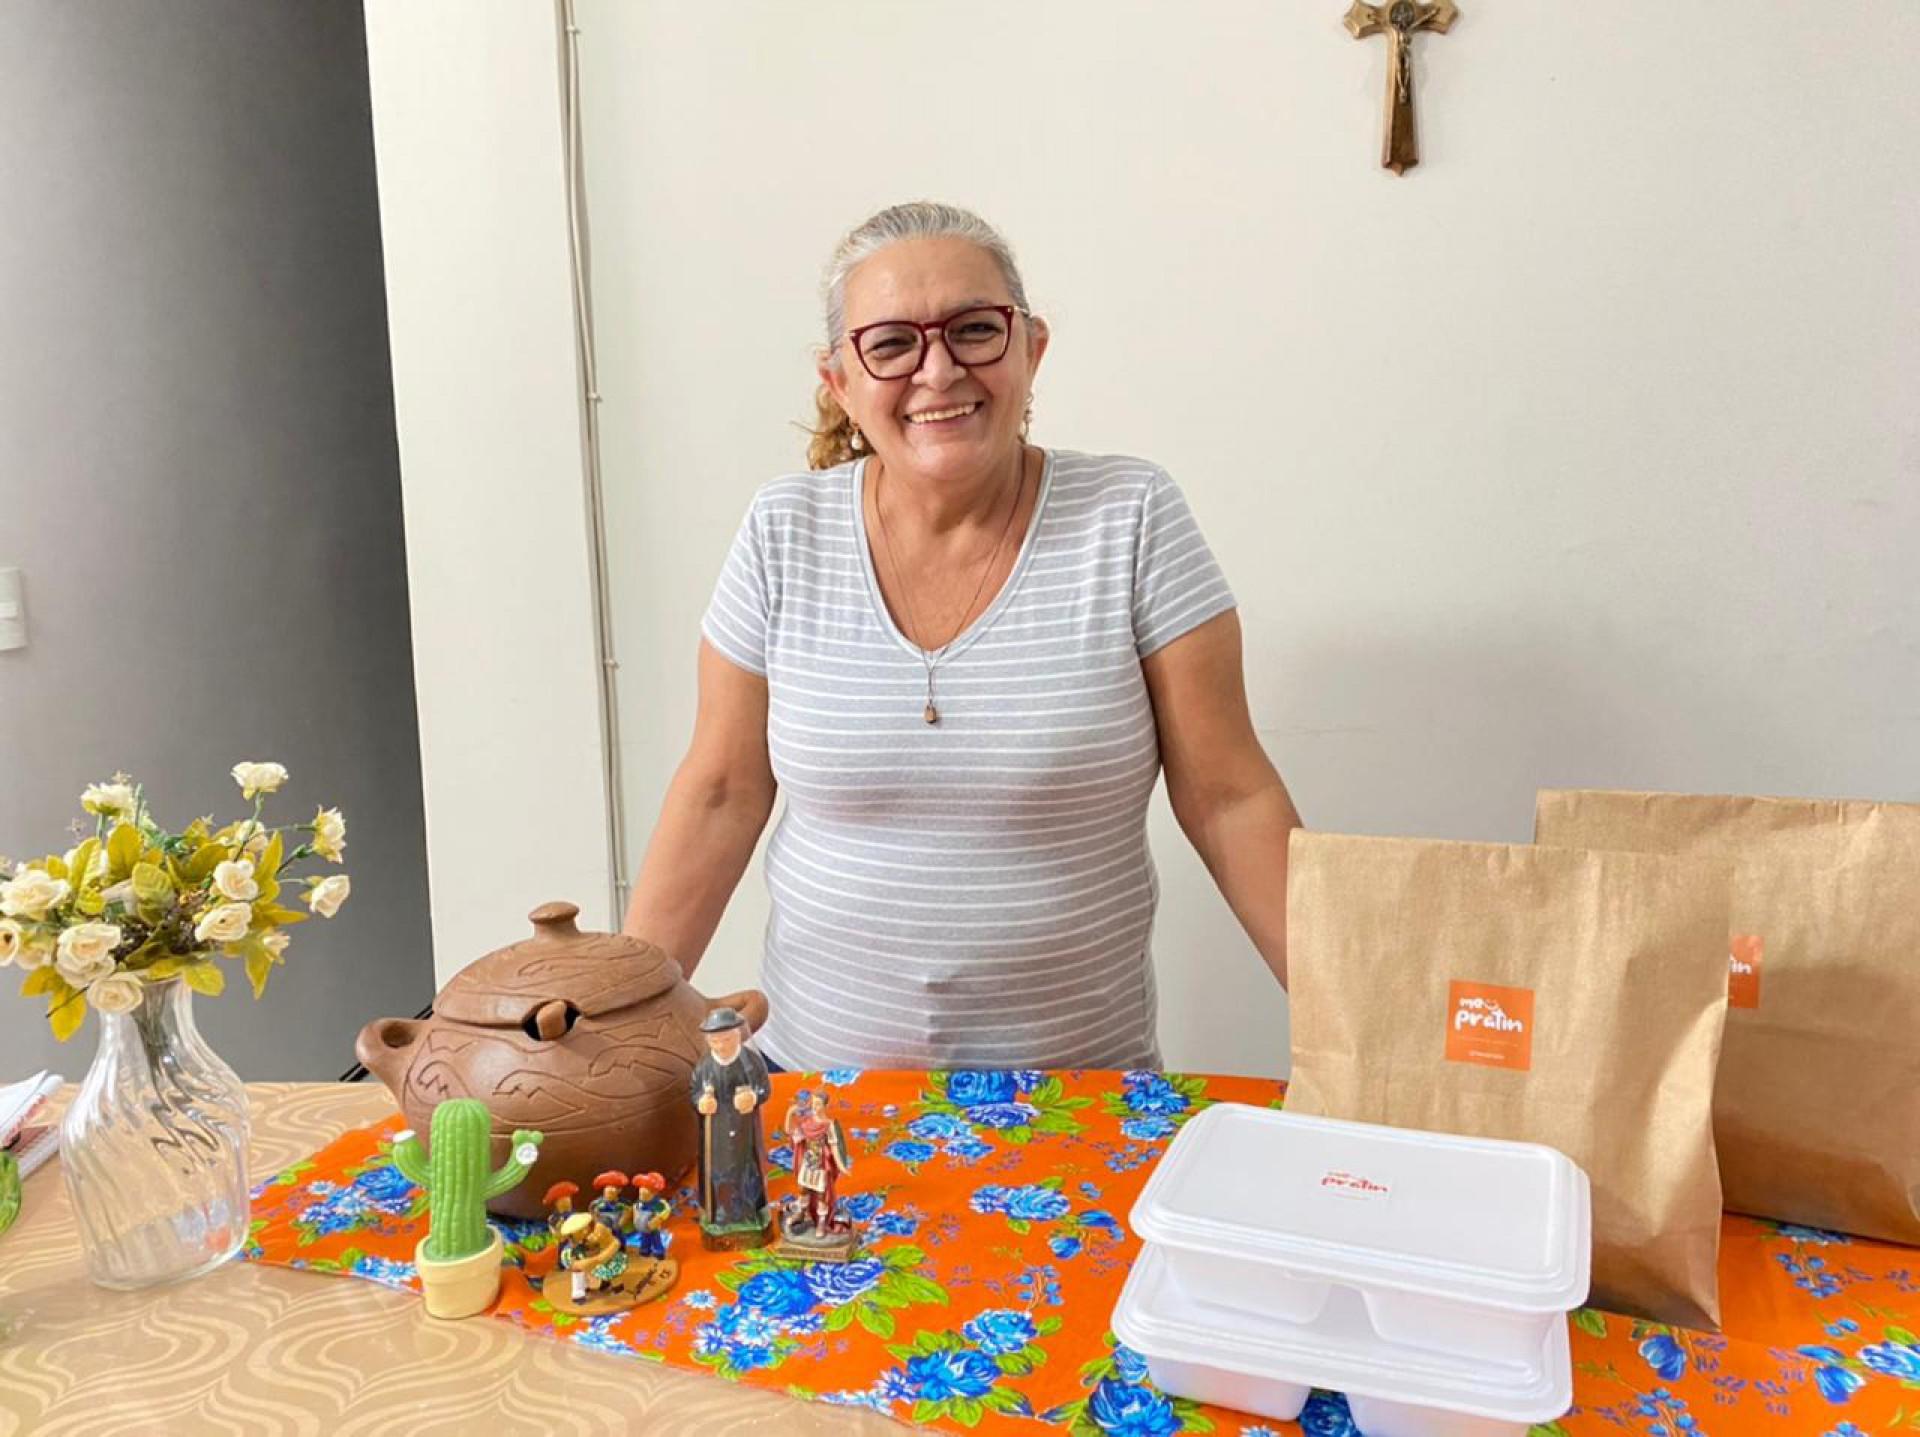 Hoje aposentada, dona Suely continua firme com seu empreendimento